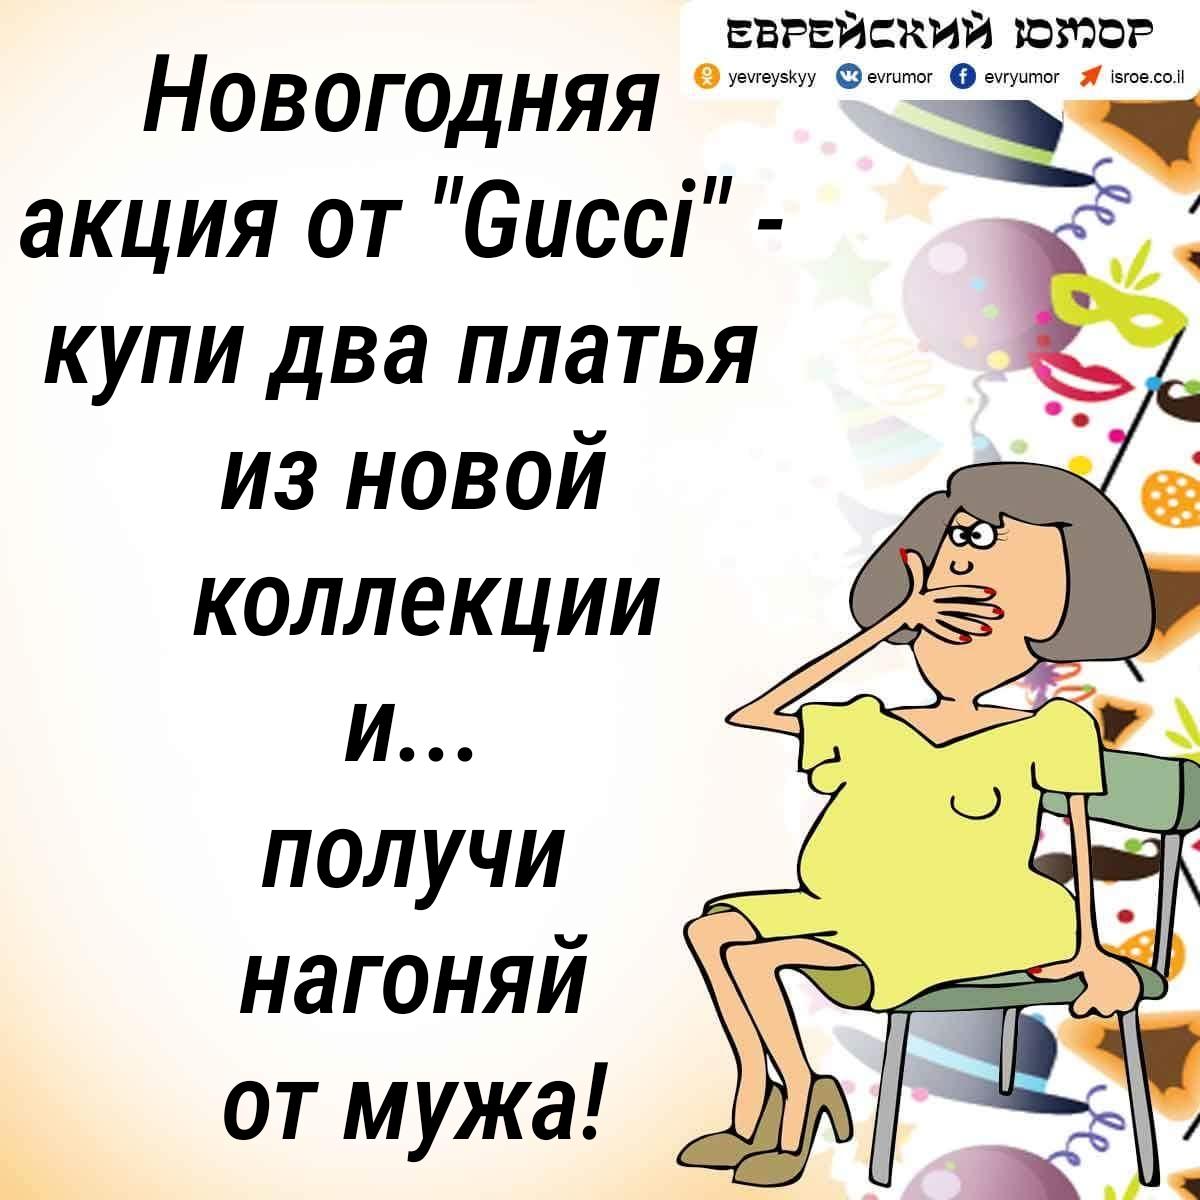 Еврейский юмор. Одесский анекдот. Акция